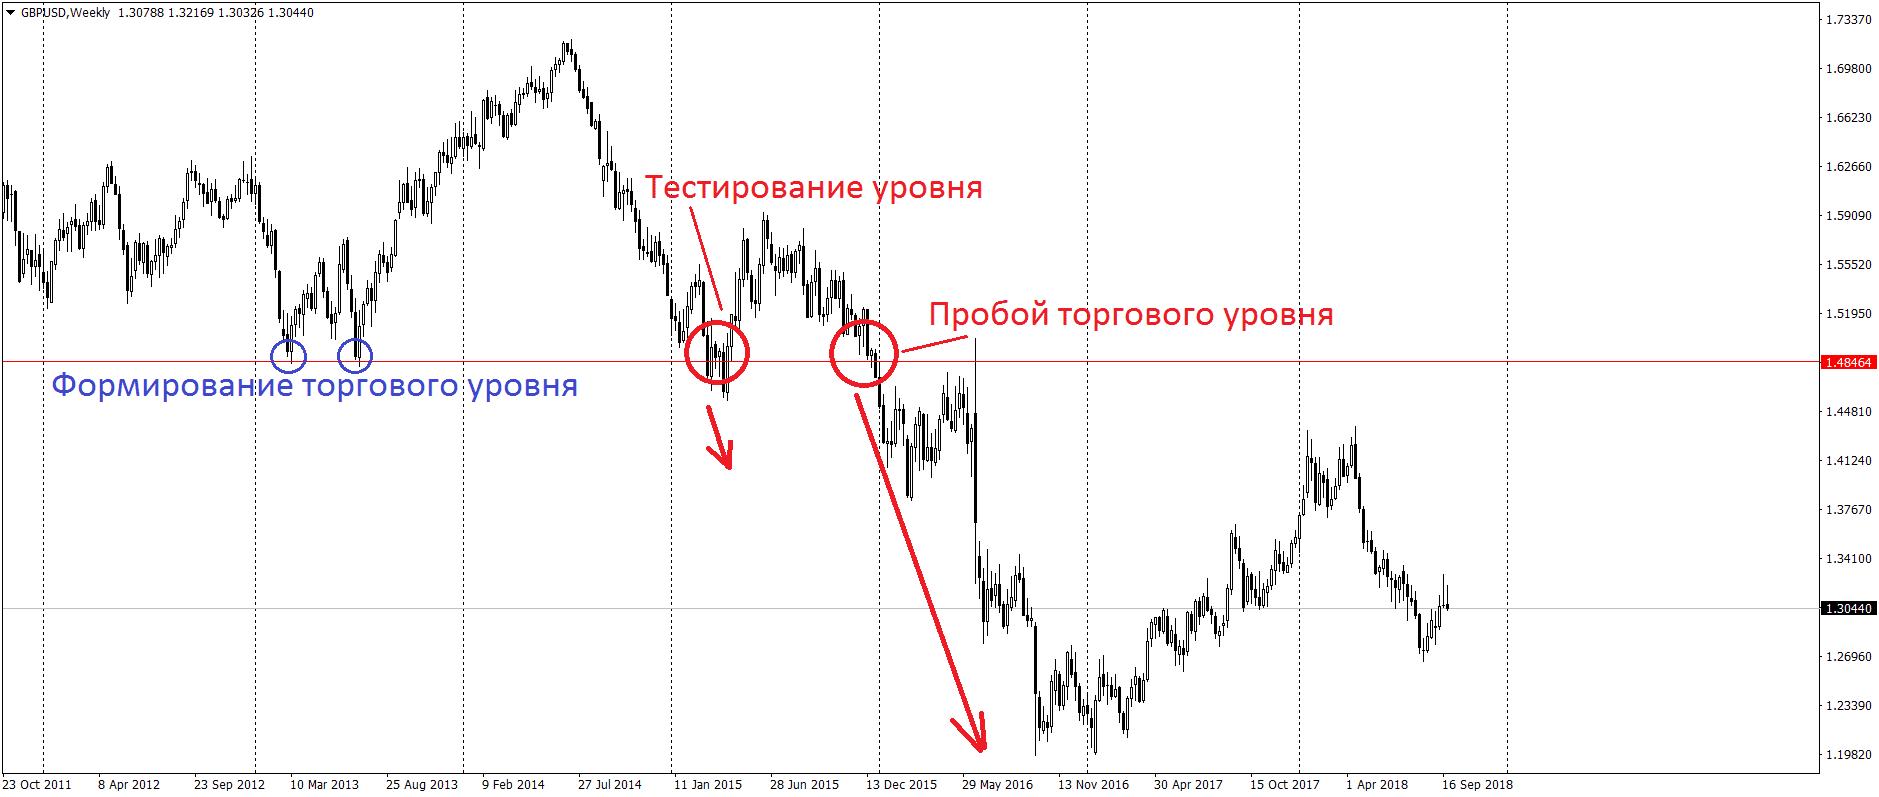 Пробой торгового уровня на графике Форекс